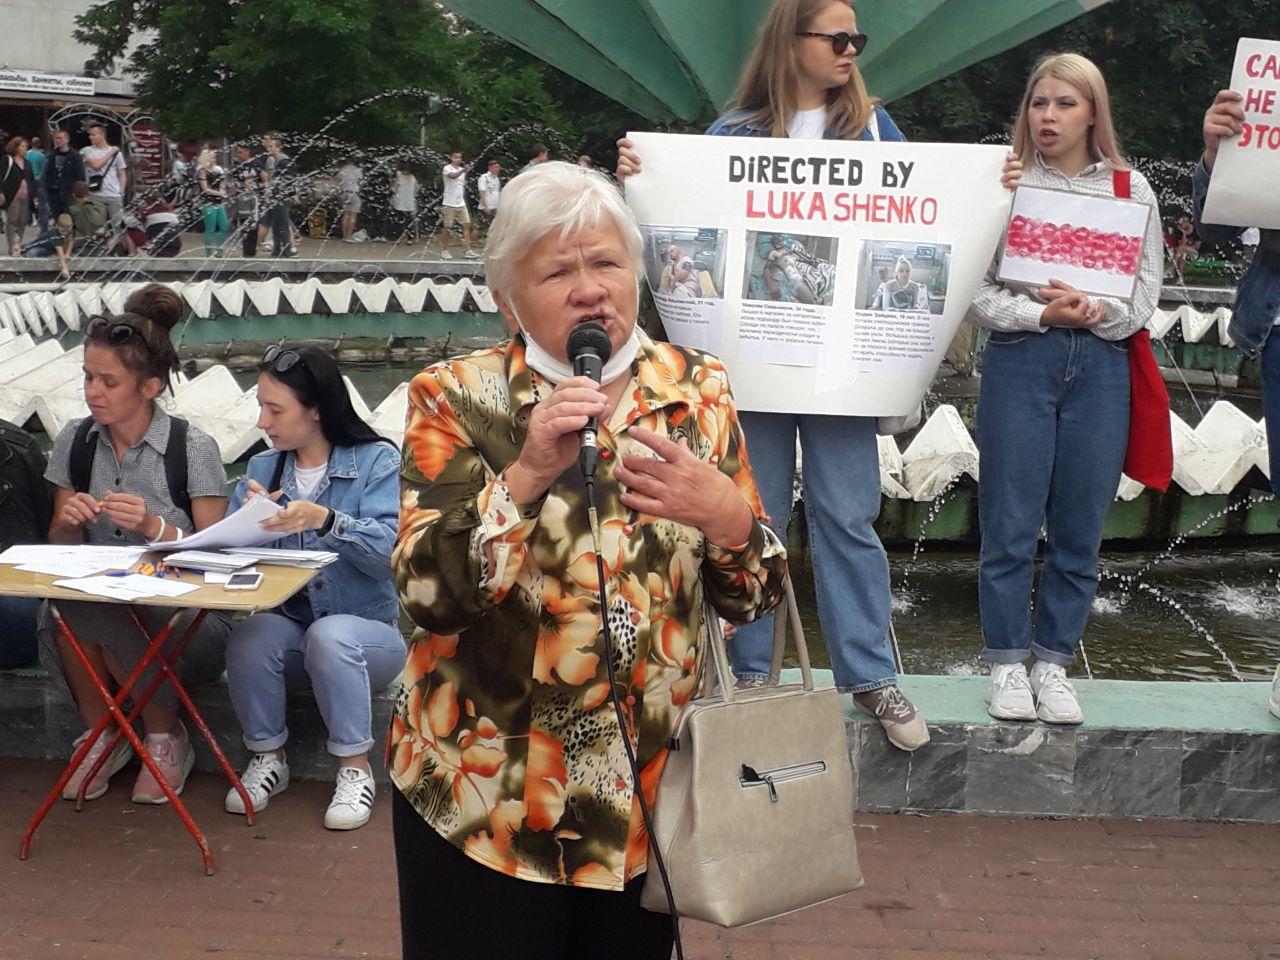 Женщина возмущена закрытием Купаловского театра. Фото: Intex-press